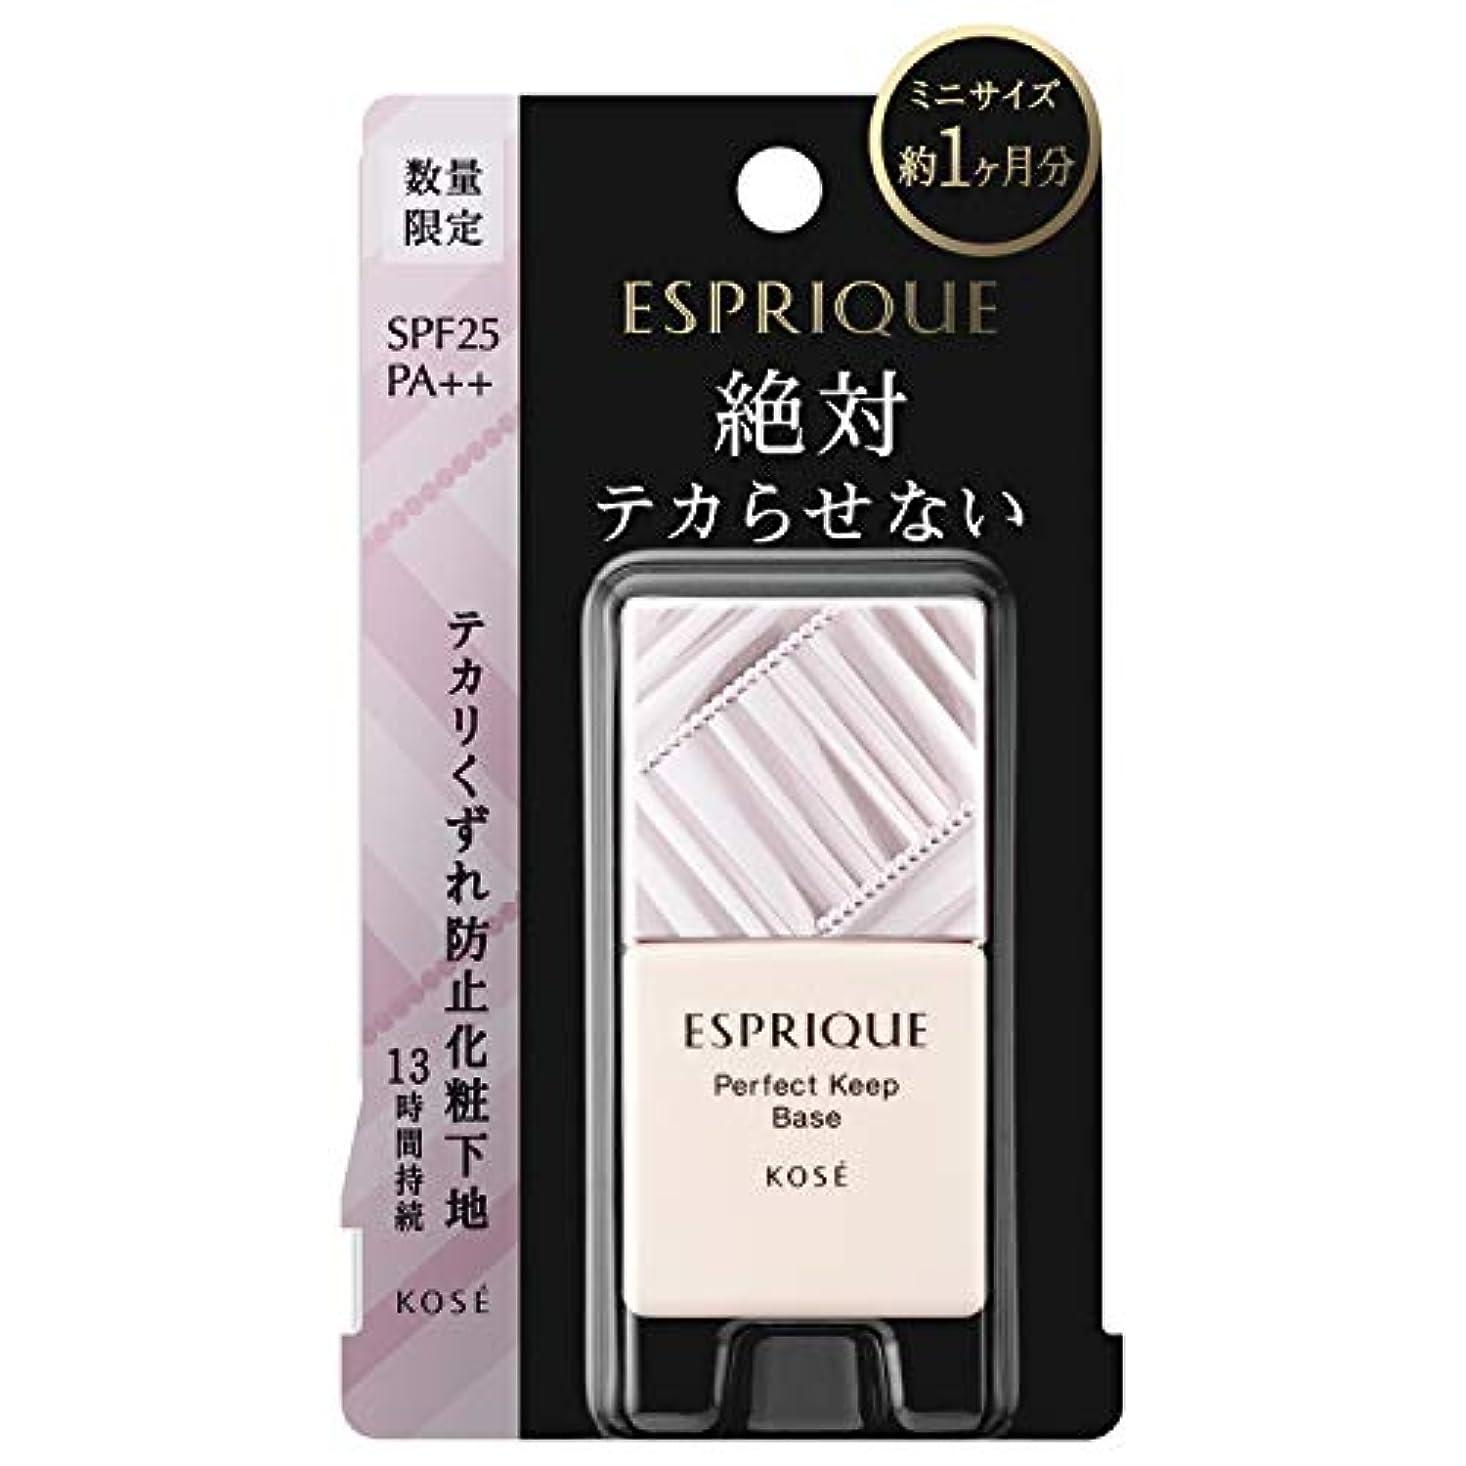 廃棄する影刈るESPRIQUE(エスプリーク) エスプリーク パーフェクト キープ ベース 化粧下地 10g